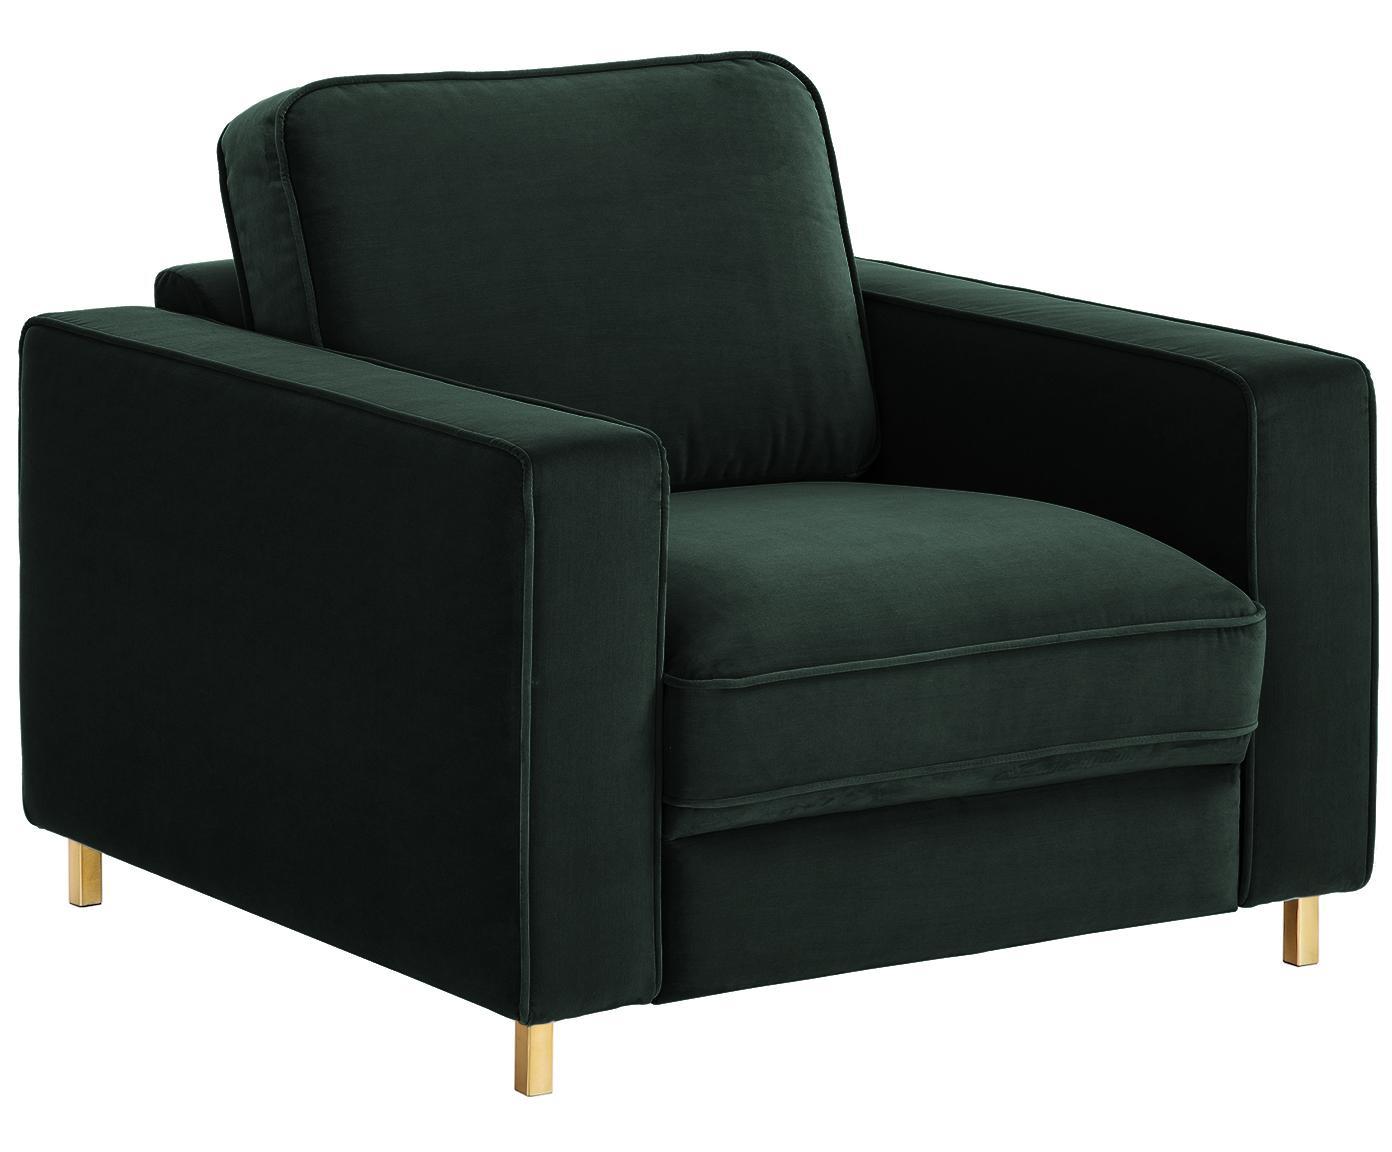 Fluwelen fauteuil Chelsea, Bekleding: fluweel (hoogwaardig poly, Frame: massief vurenhout, Poten: gecoat metaal, Donkergroen, B 83 x D 93 cm